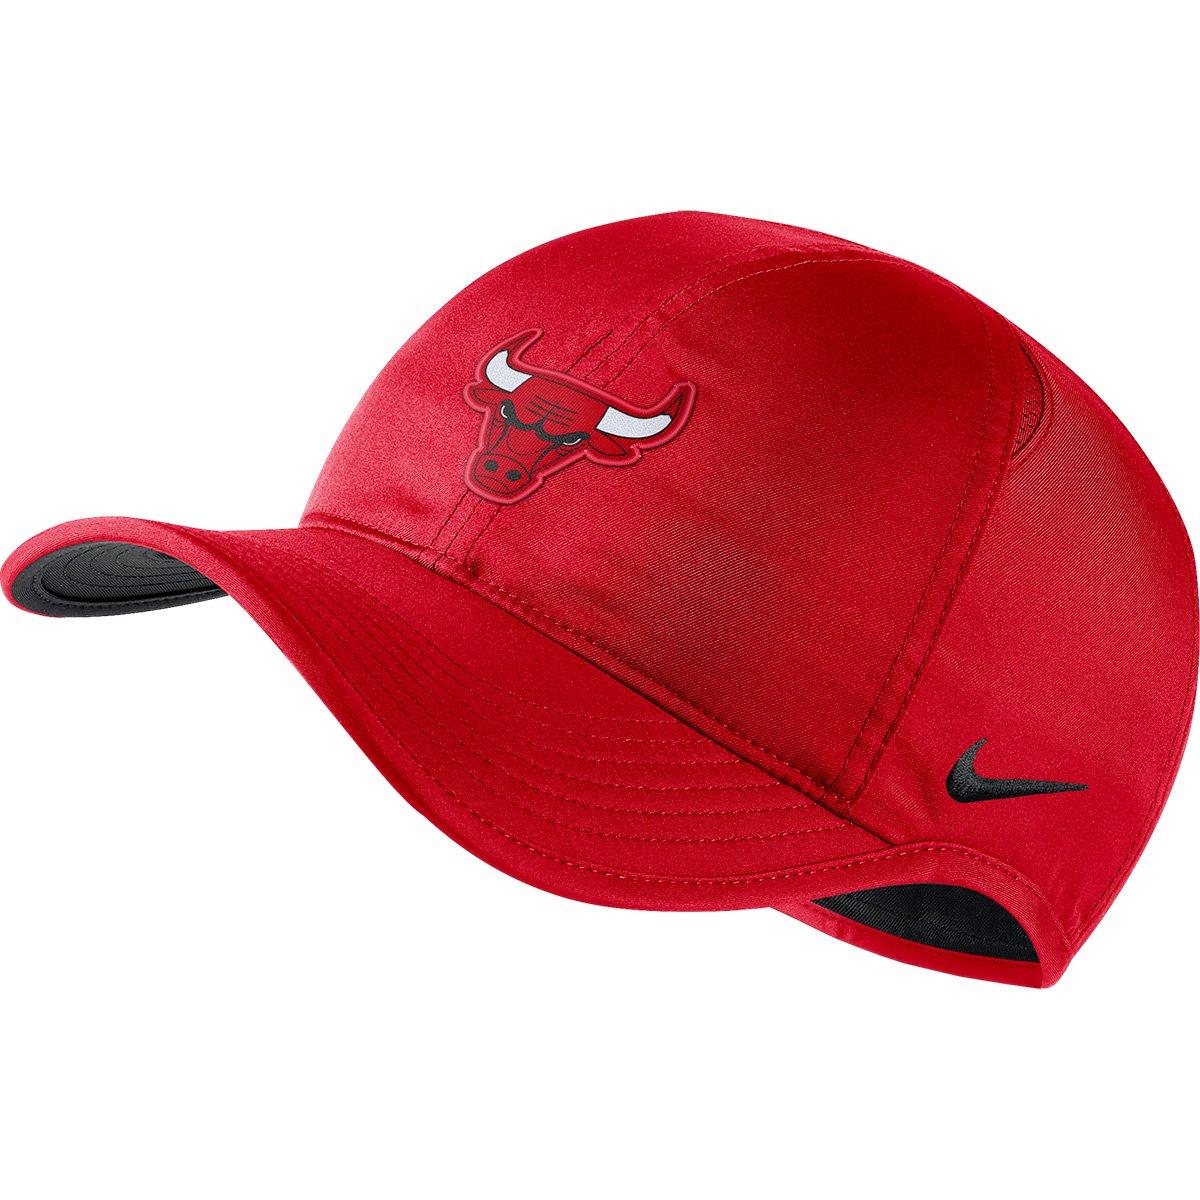 Boné Nike NBA Chicago Bulls Aba Curva Featherlight - Vermelho e Preto -  Compre Agora  0e2768b98ec40